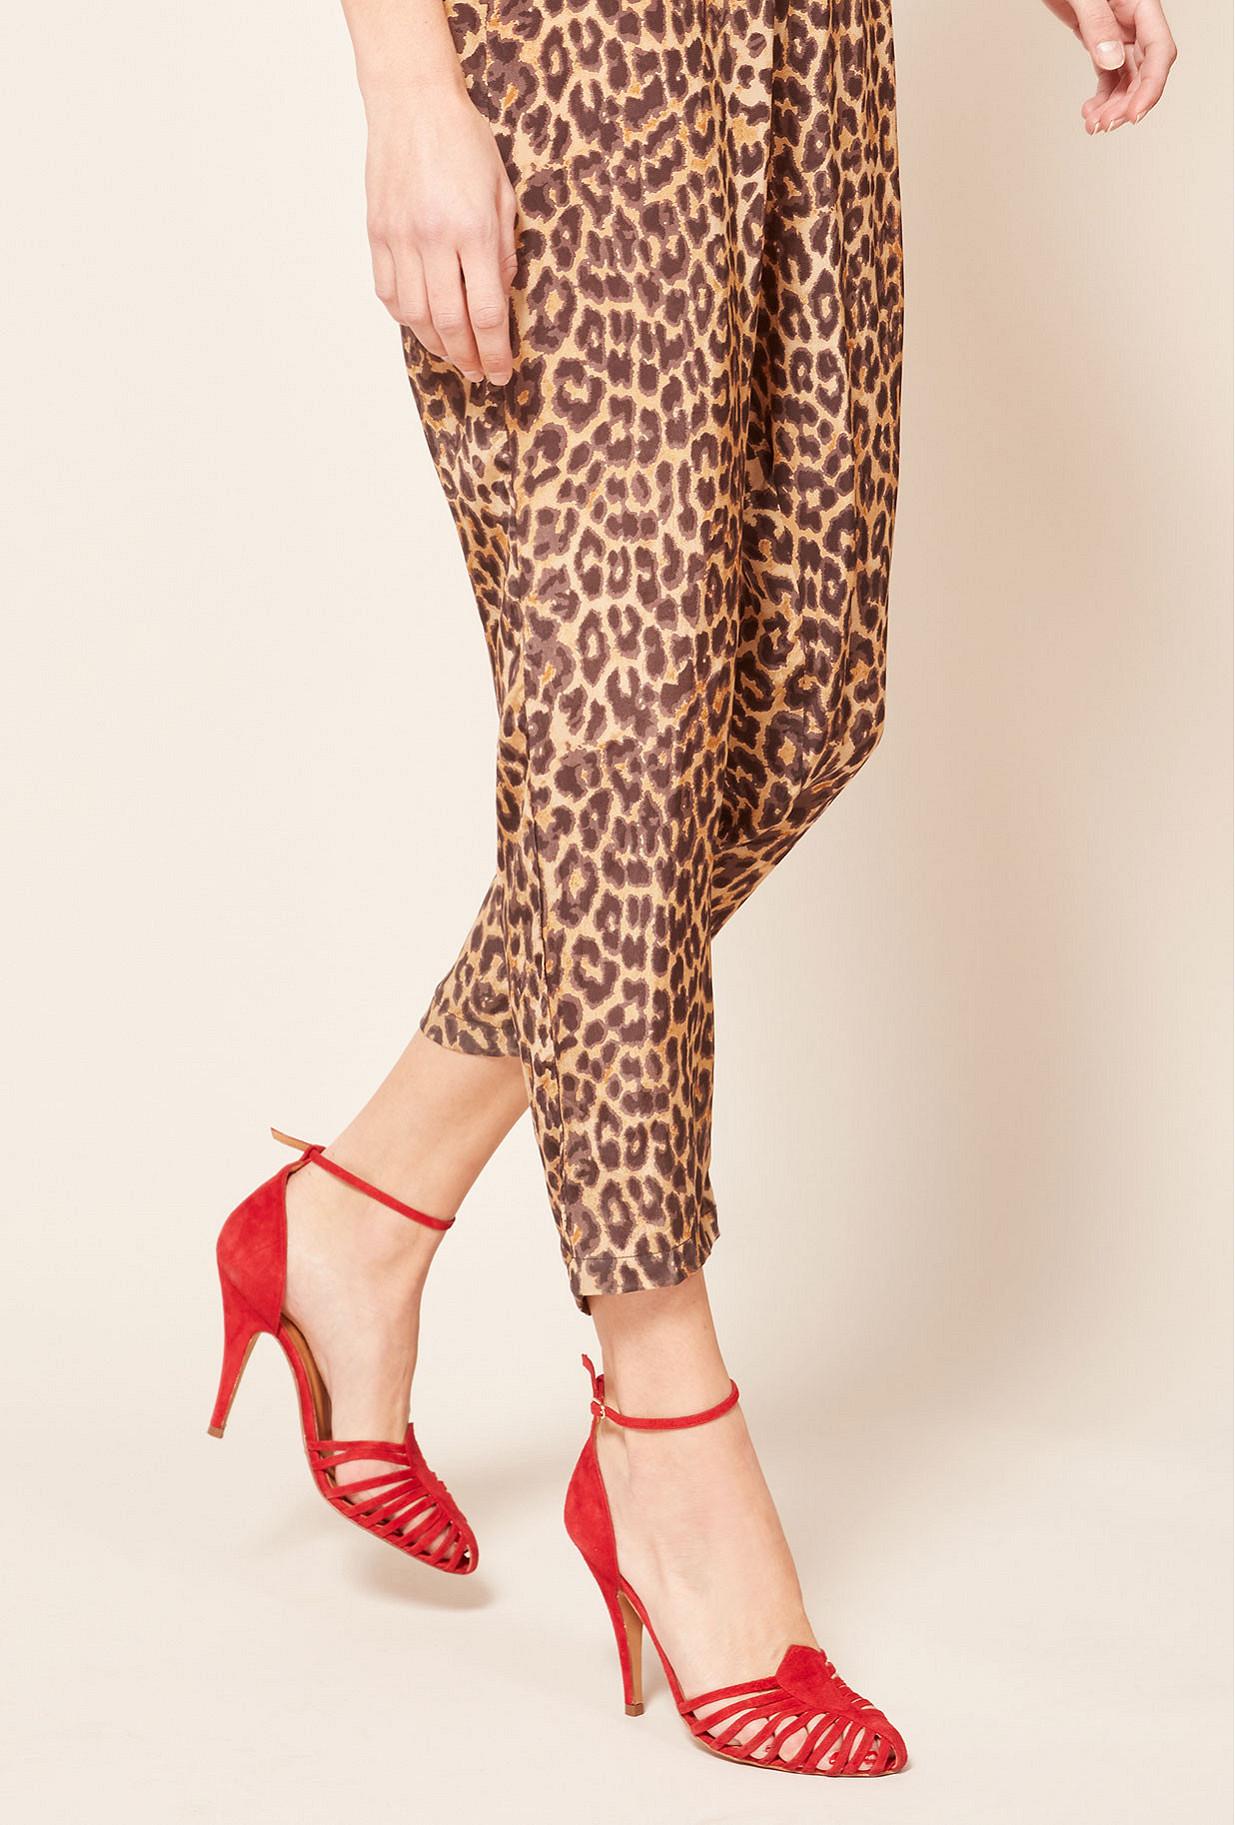 Escarpins Rouge  Venitiennes mes demoiselles paris vêtement femme paris